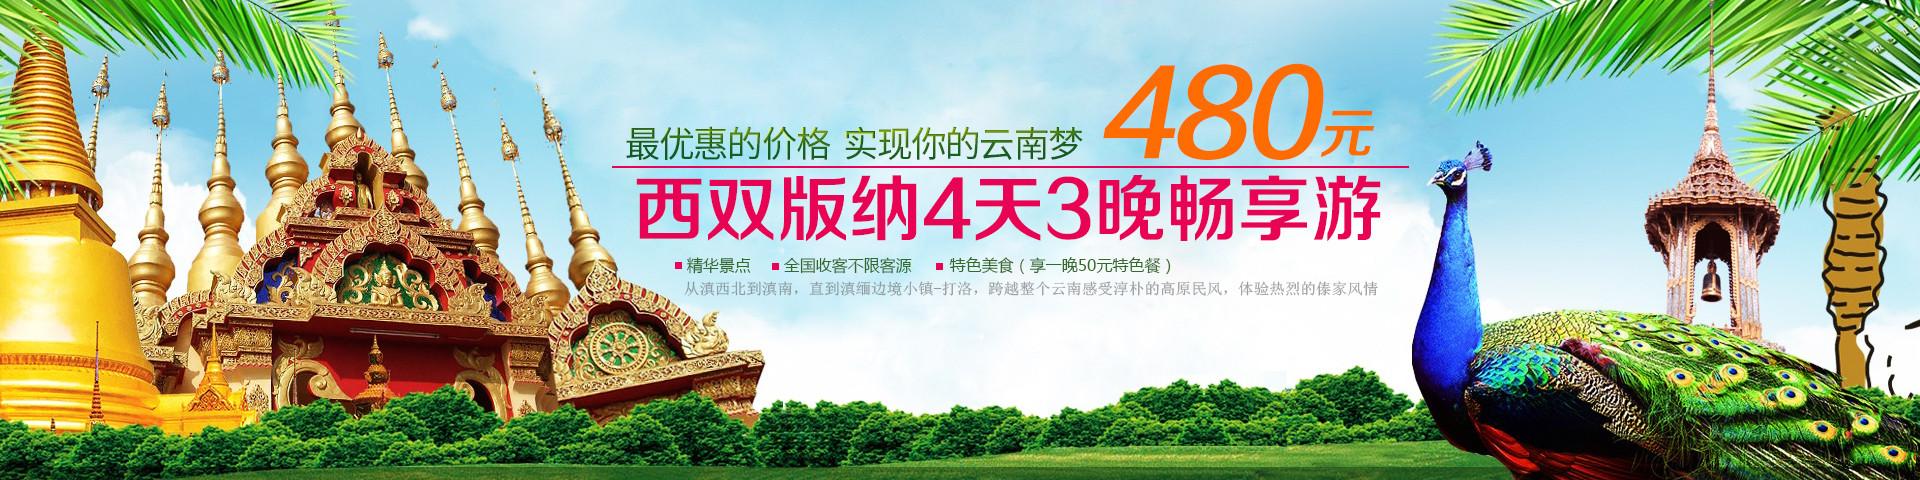 24券网团购网站_兴悦国际线上总社-去哪儿网Qunar.com